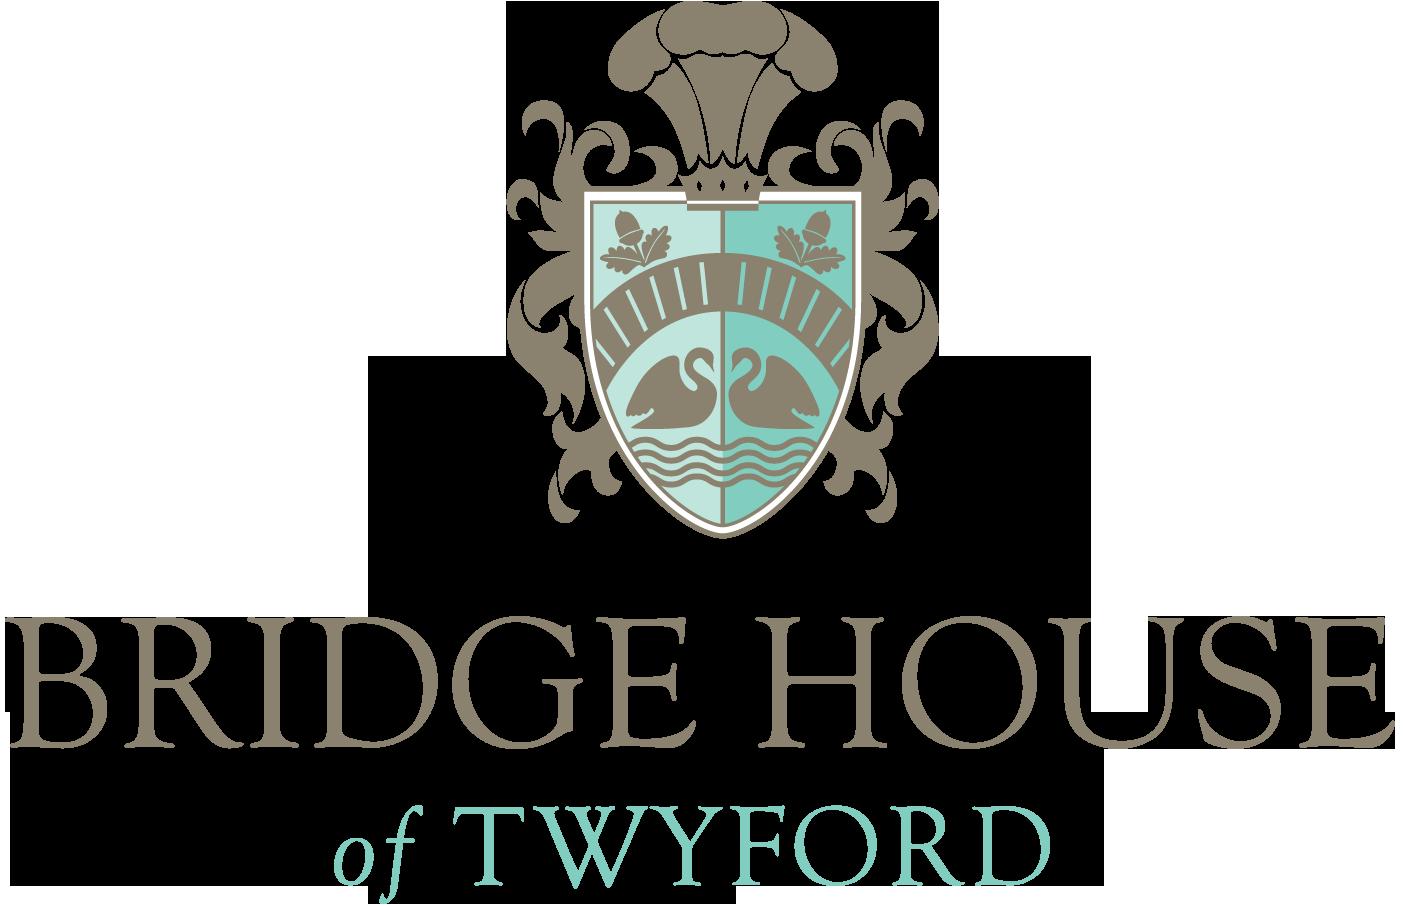 Bridge House of Twyford logo